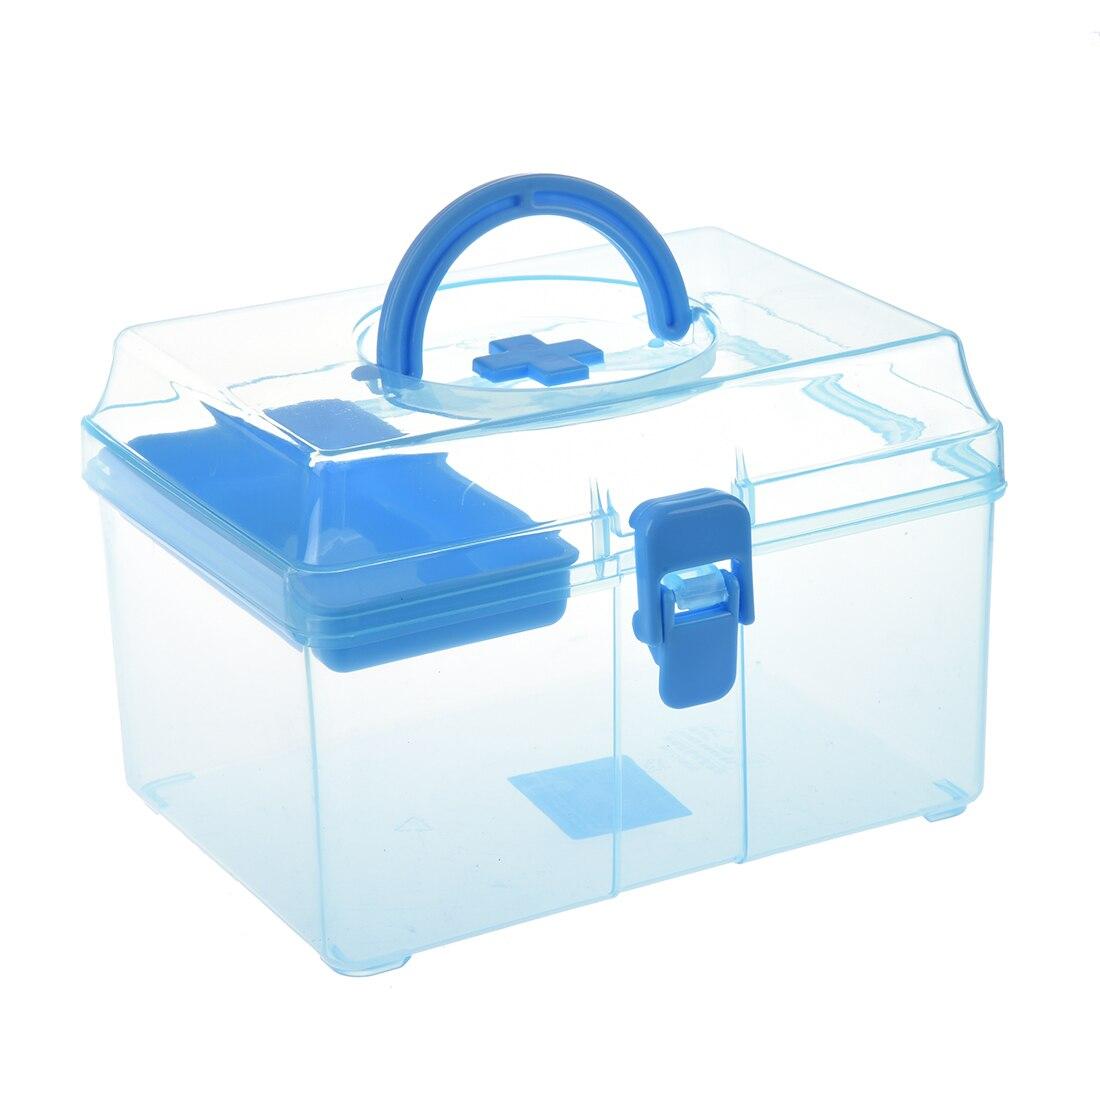 Caixa de primeiros socorros da família kits de emergência caso portátil médico tratamento de feridas comprimidos ataduras caixa de armazenamento para casa viagem de carro